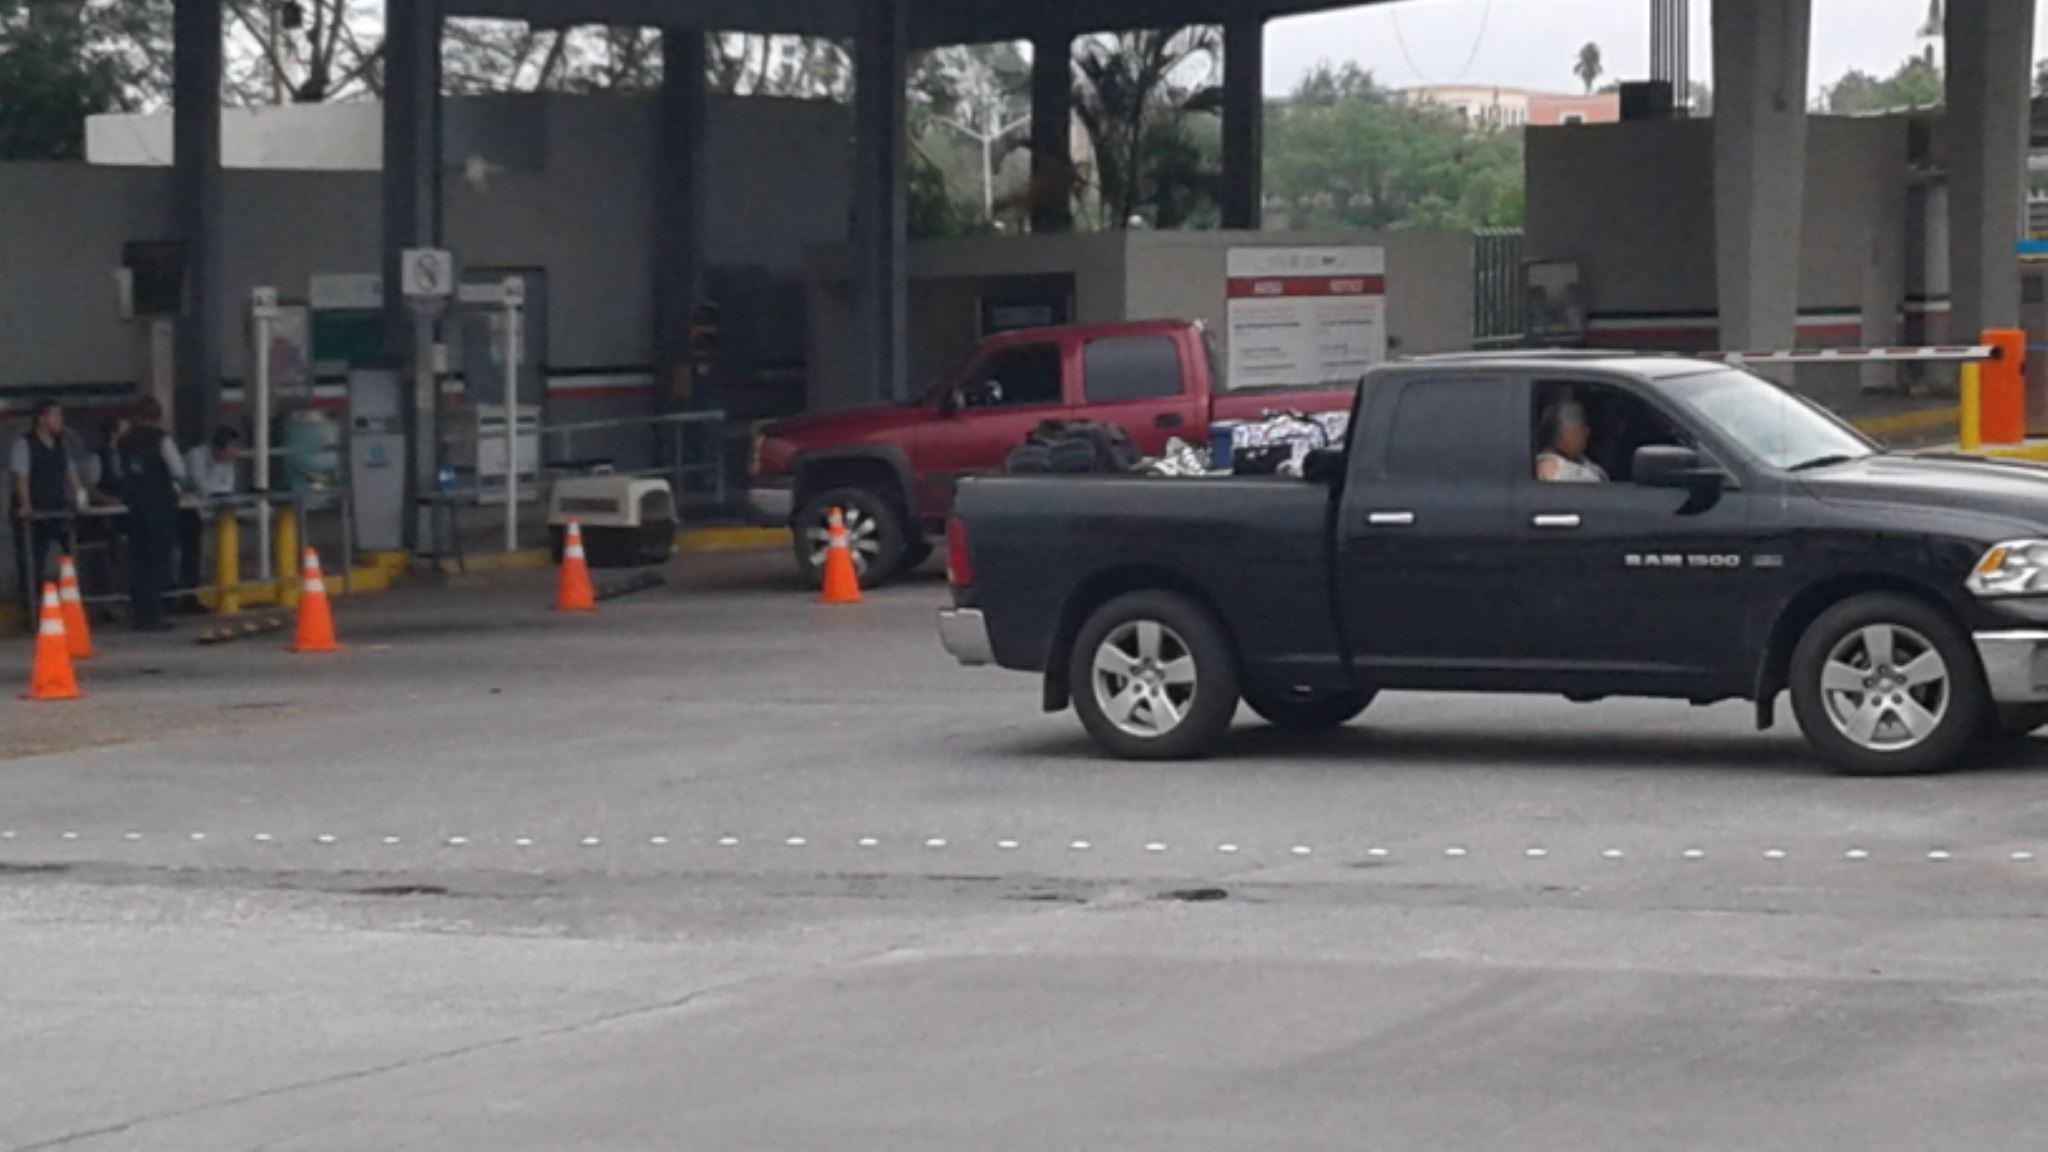 OBLIGADOS. La familia de Rosbel Gómez, fue prácticamente obligada a regresarse al vecino país a bordo de su camioneta Dodge, a fin de evitar que les decomisaran la ropa y demás pertenencias personales que traían.